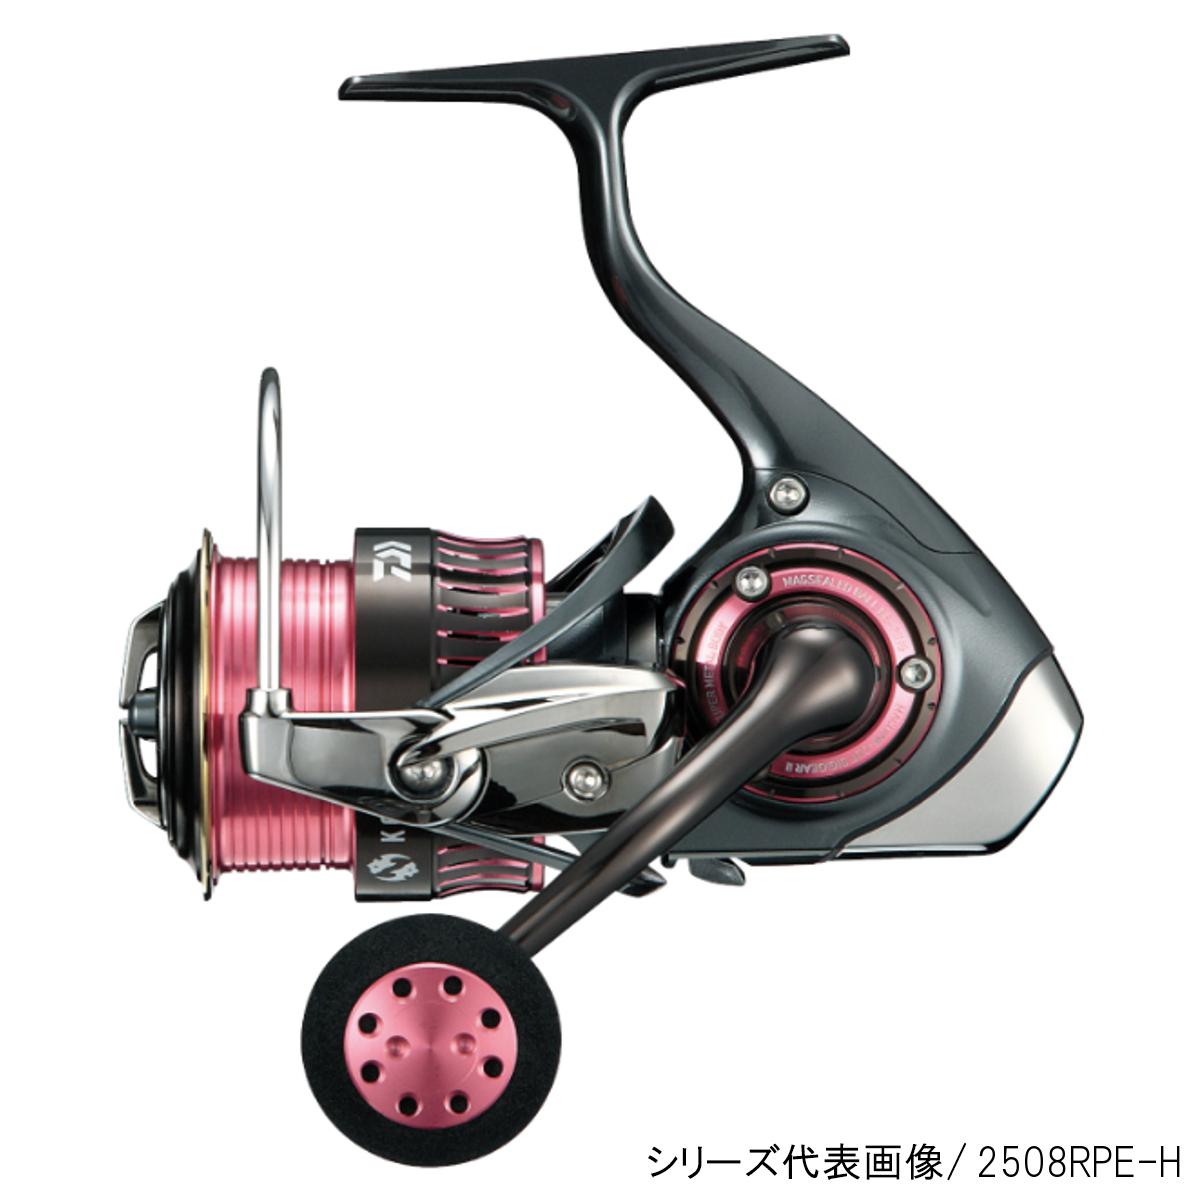 ダイワ 紅牙 EX 2510RPE